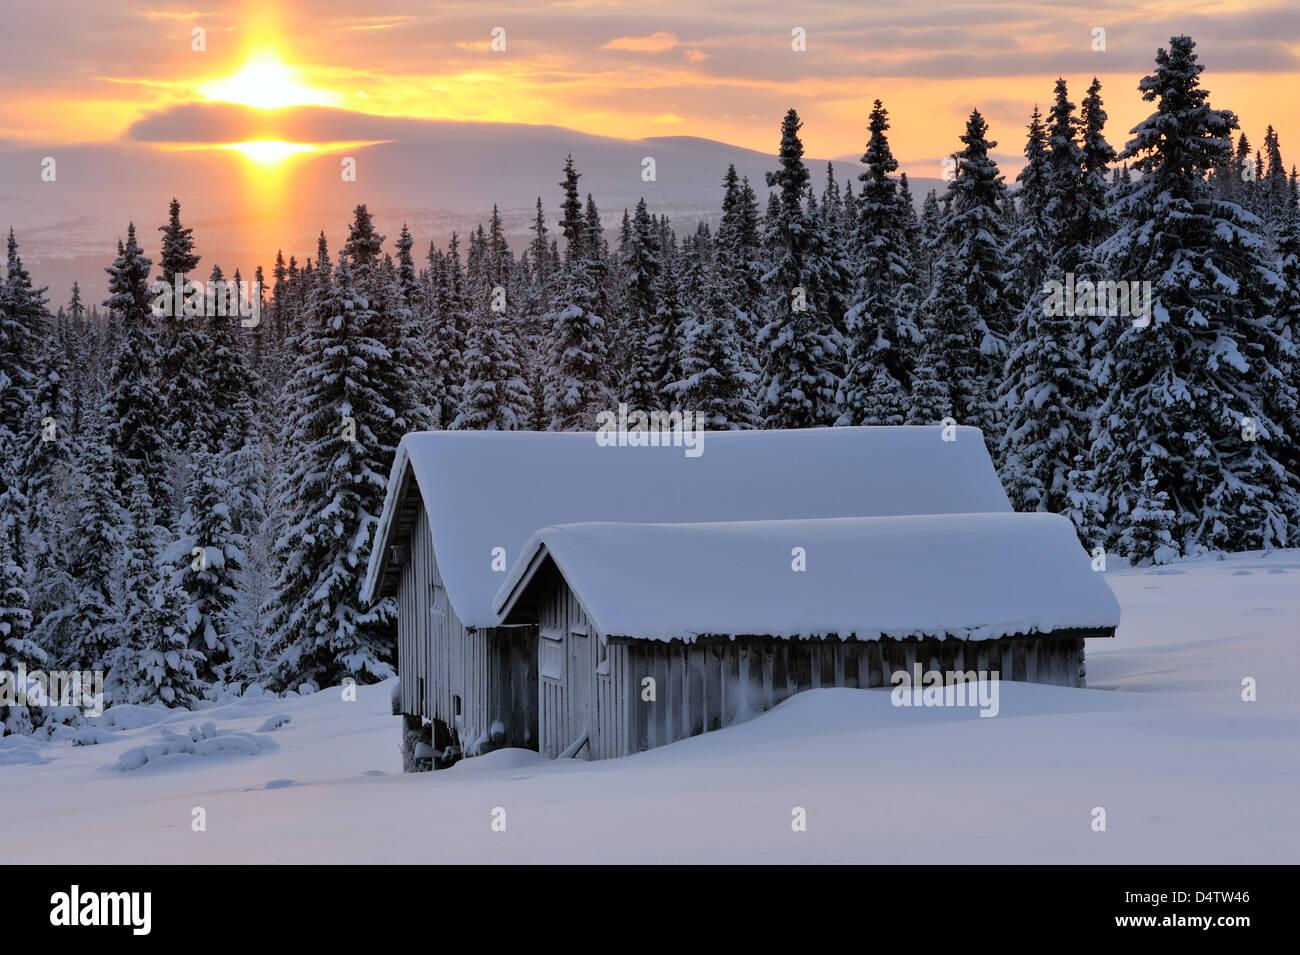 Schnee bedeckte Gebäude bei Sonnenaufgang in Lofsdalen, Härjedalen, Schweden, Europa Stockbild